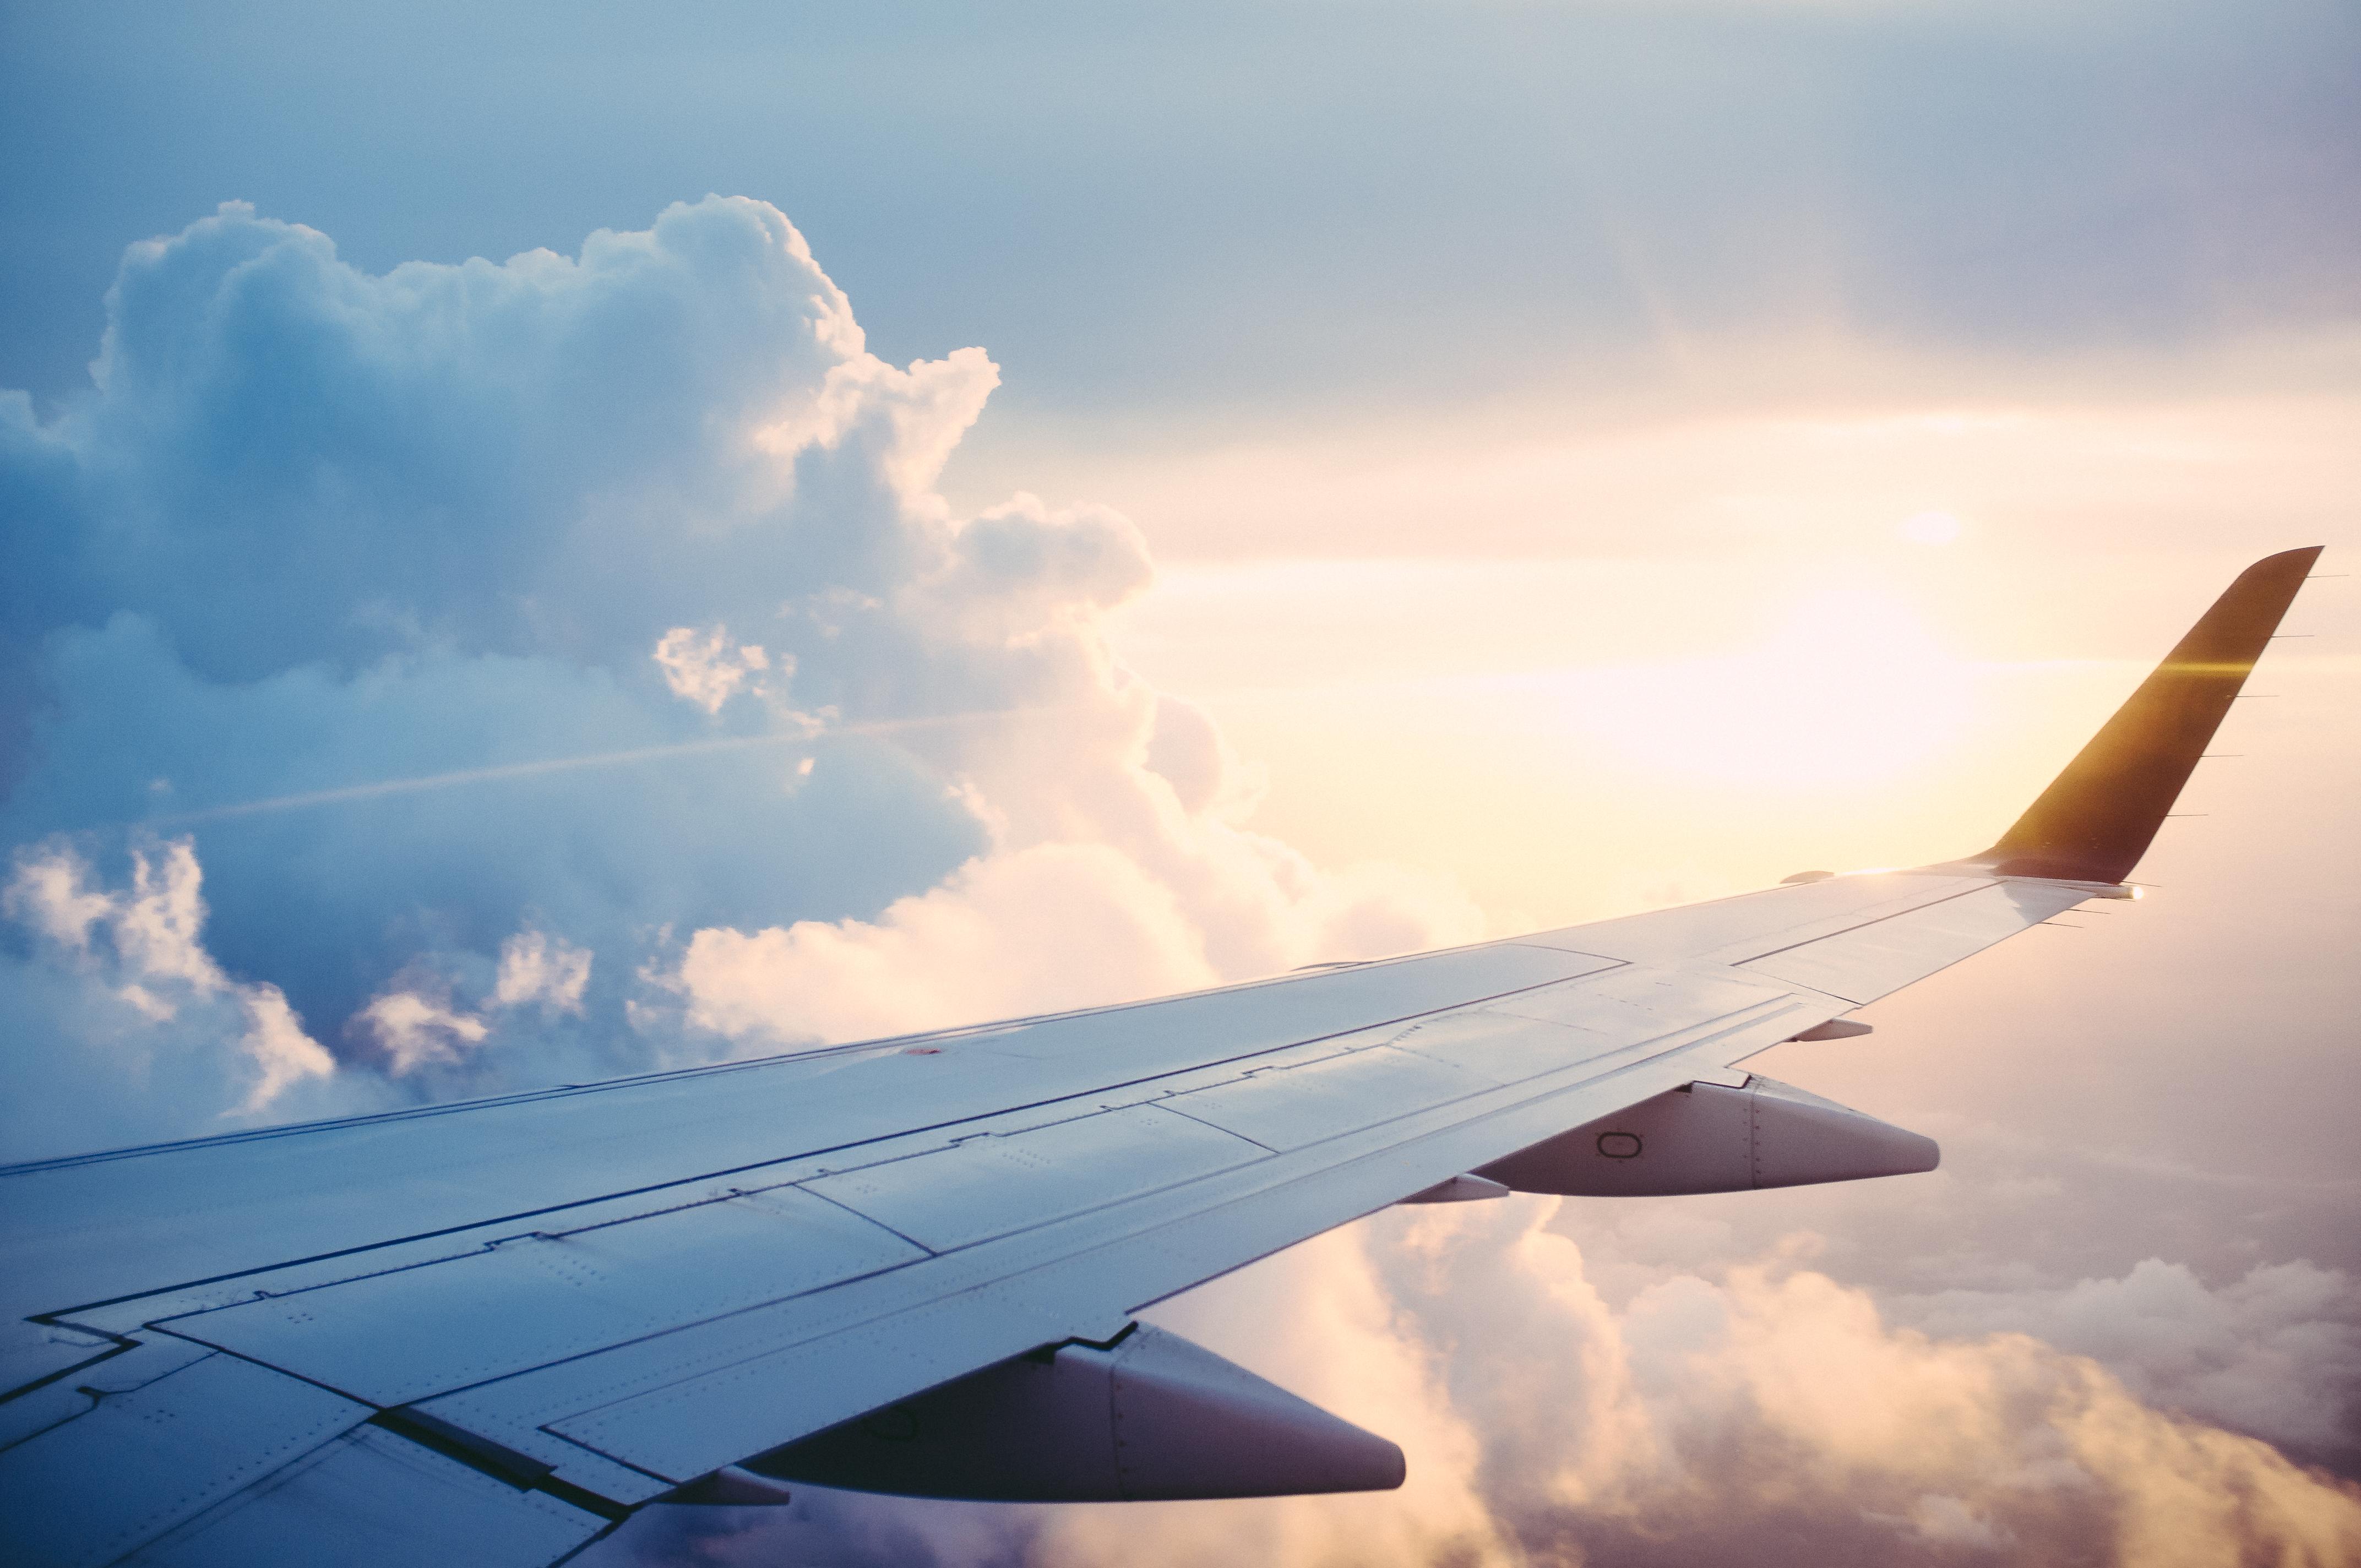 Sentar-se na janelinha ou não correr o risco de ter como companheiro de voo o um macho assediador? A hashtag #ViajoSola não morre nunca